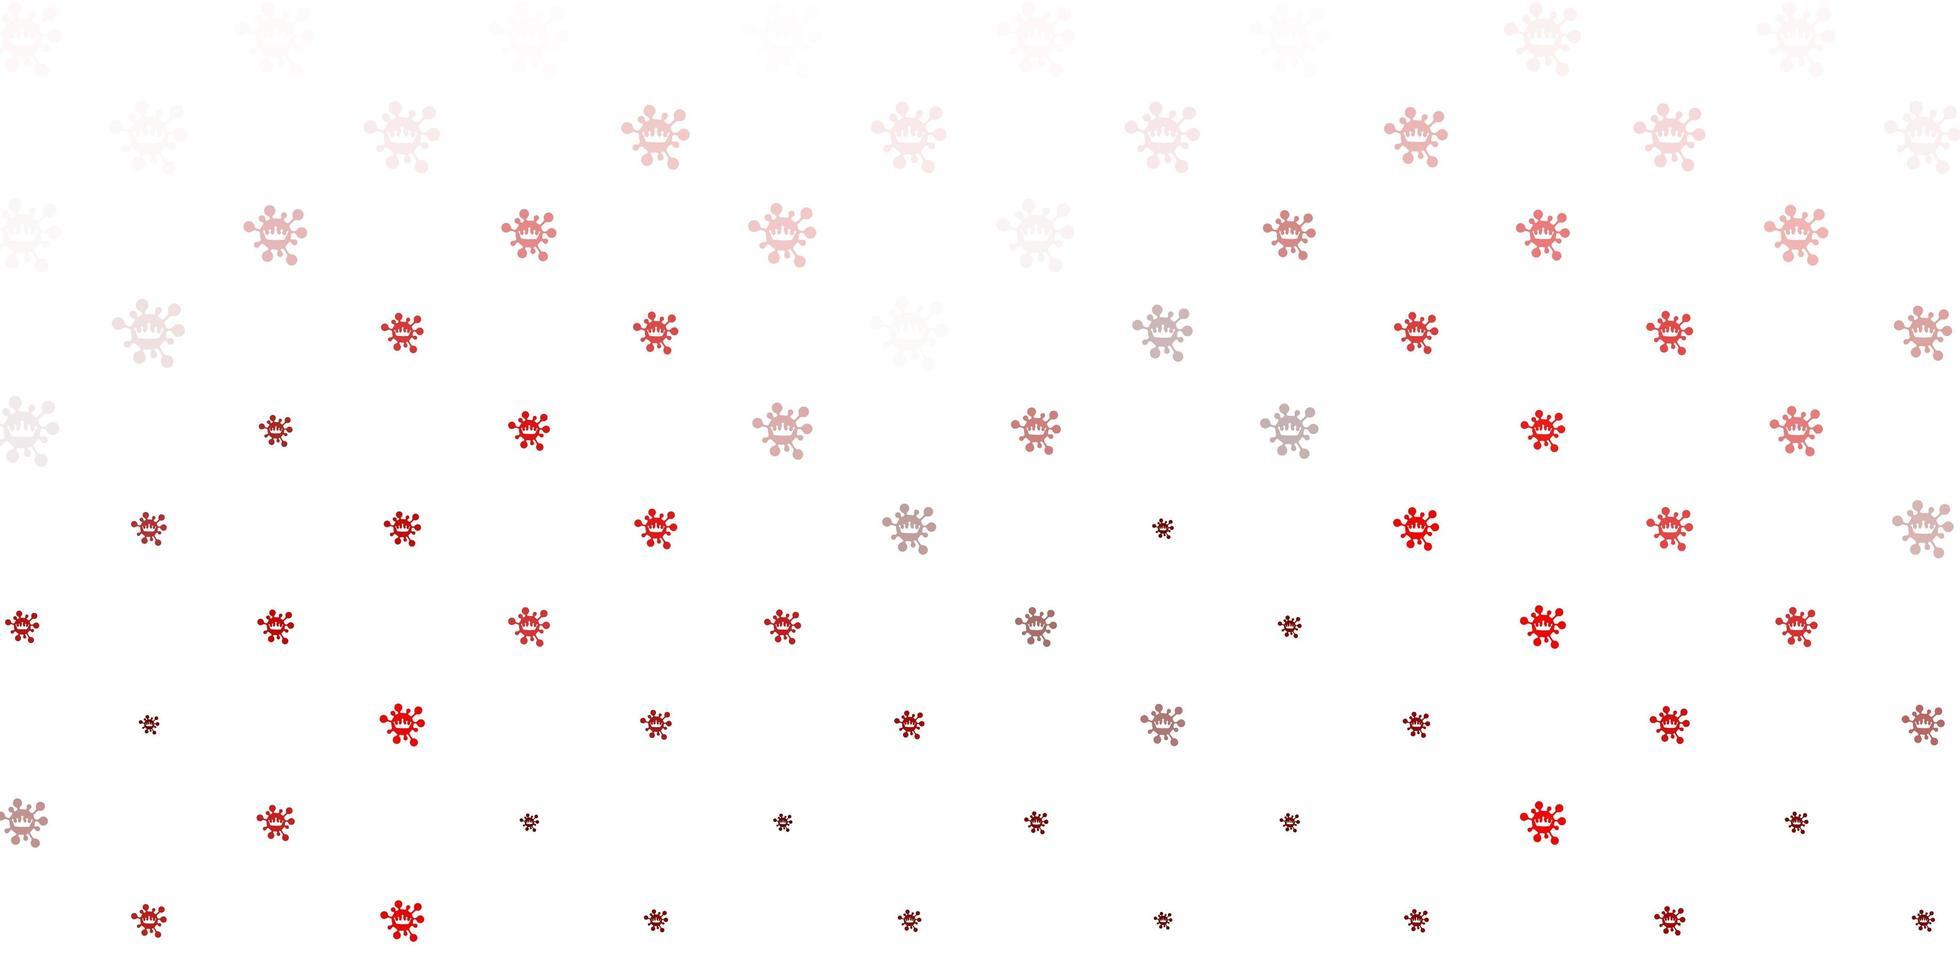 símbolos de vírus vermelhos em fundo branco vetor